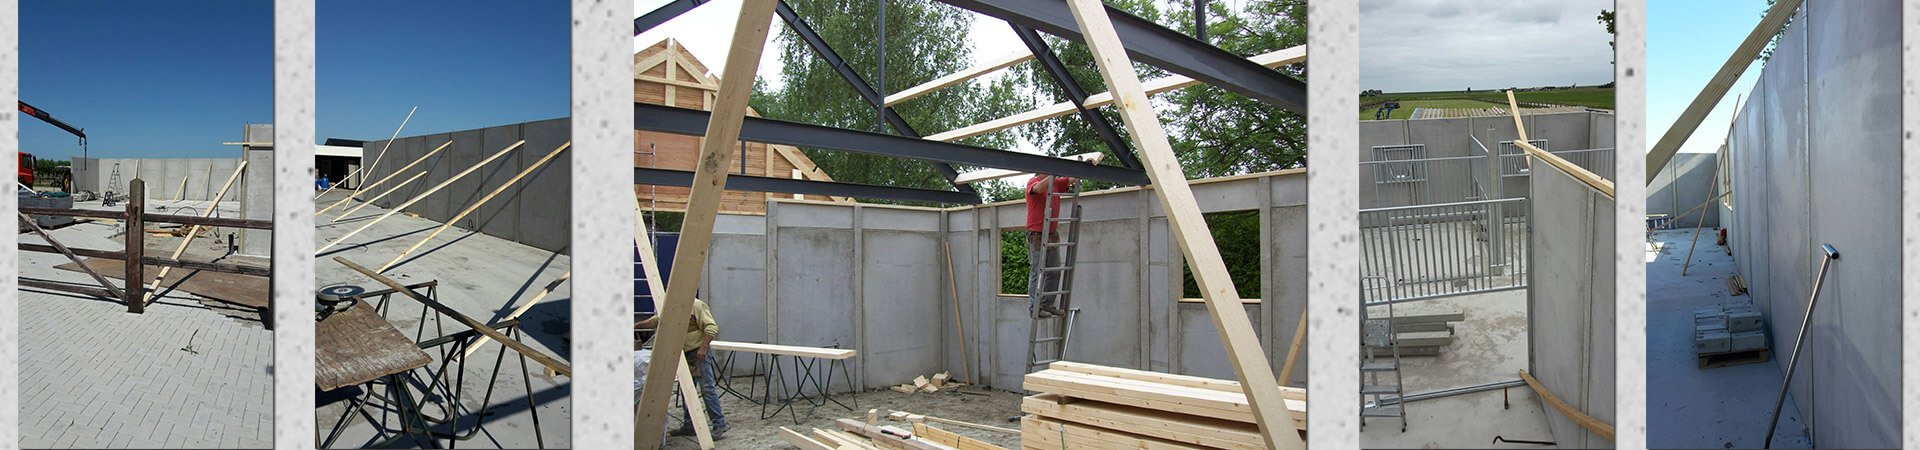 slider-betonnen-wanden